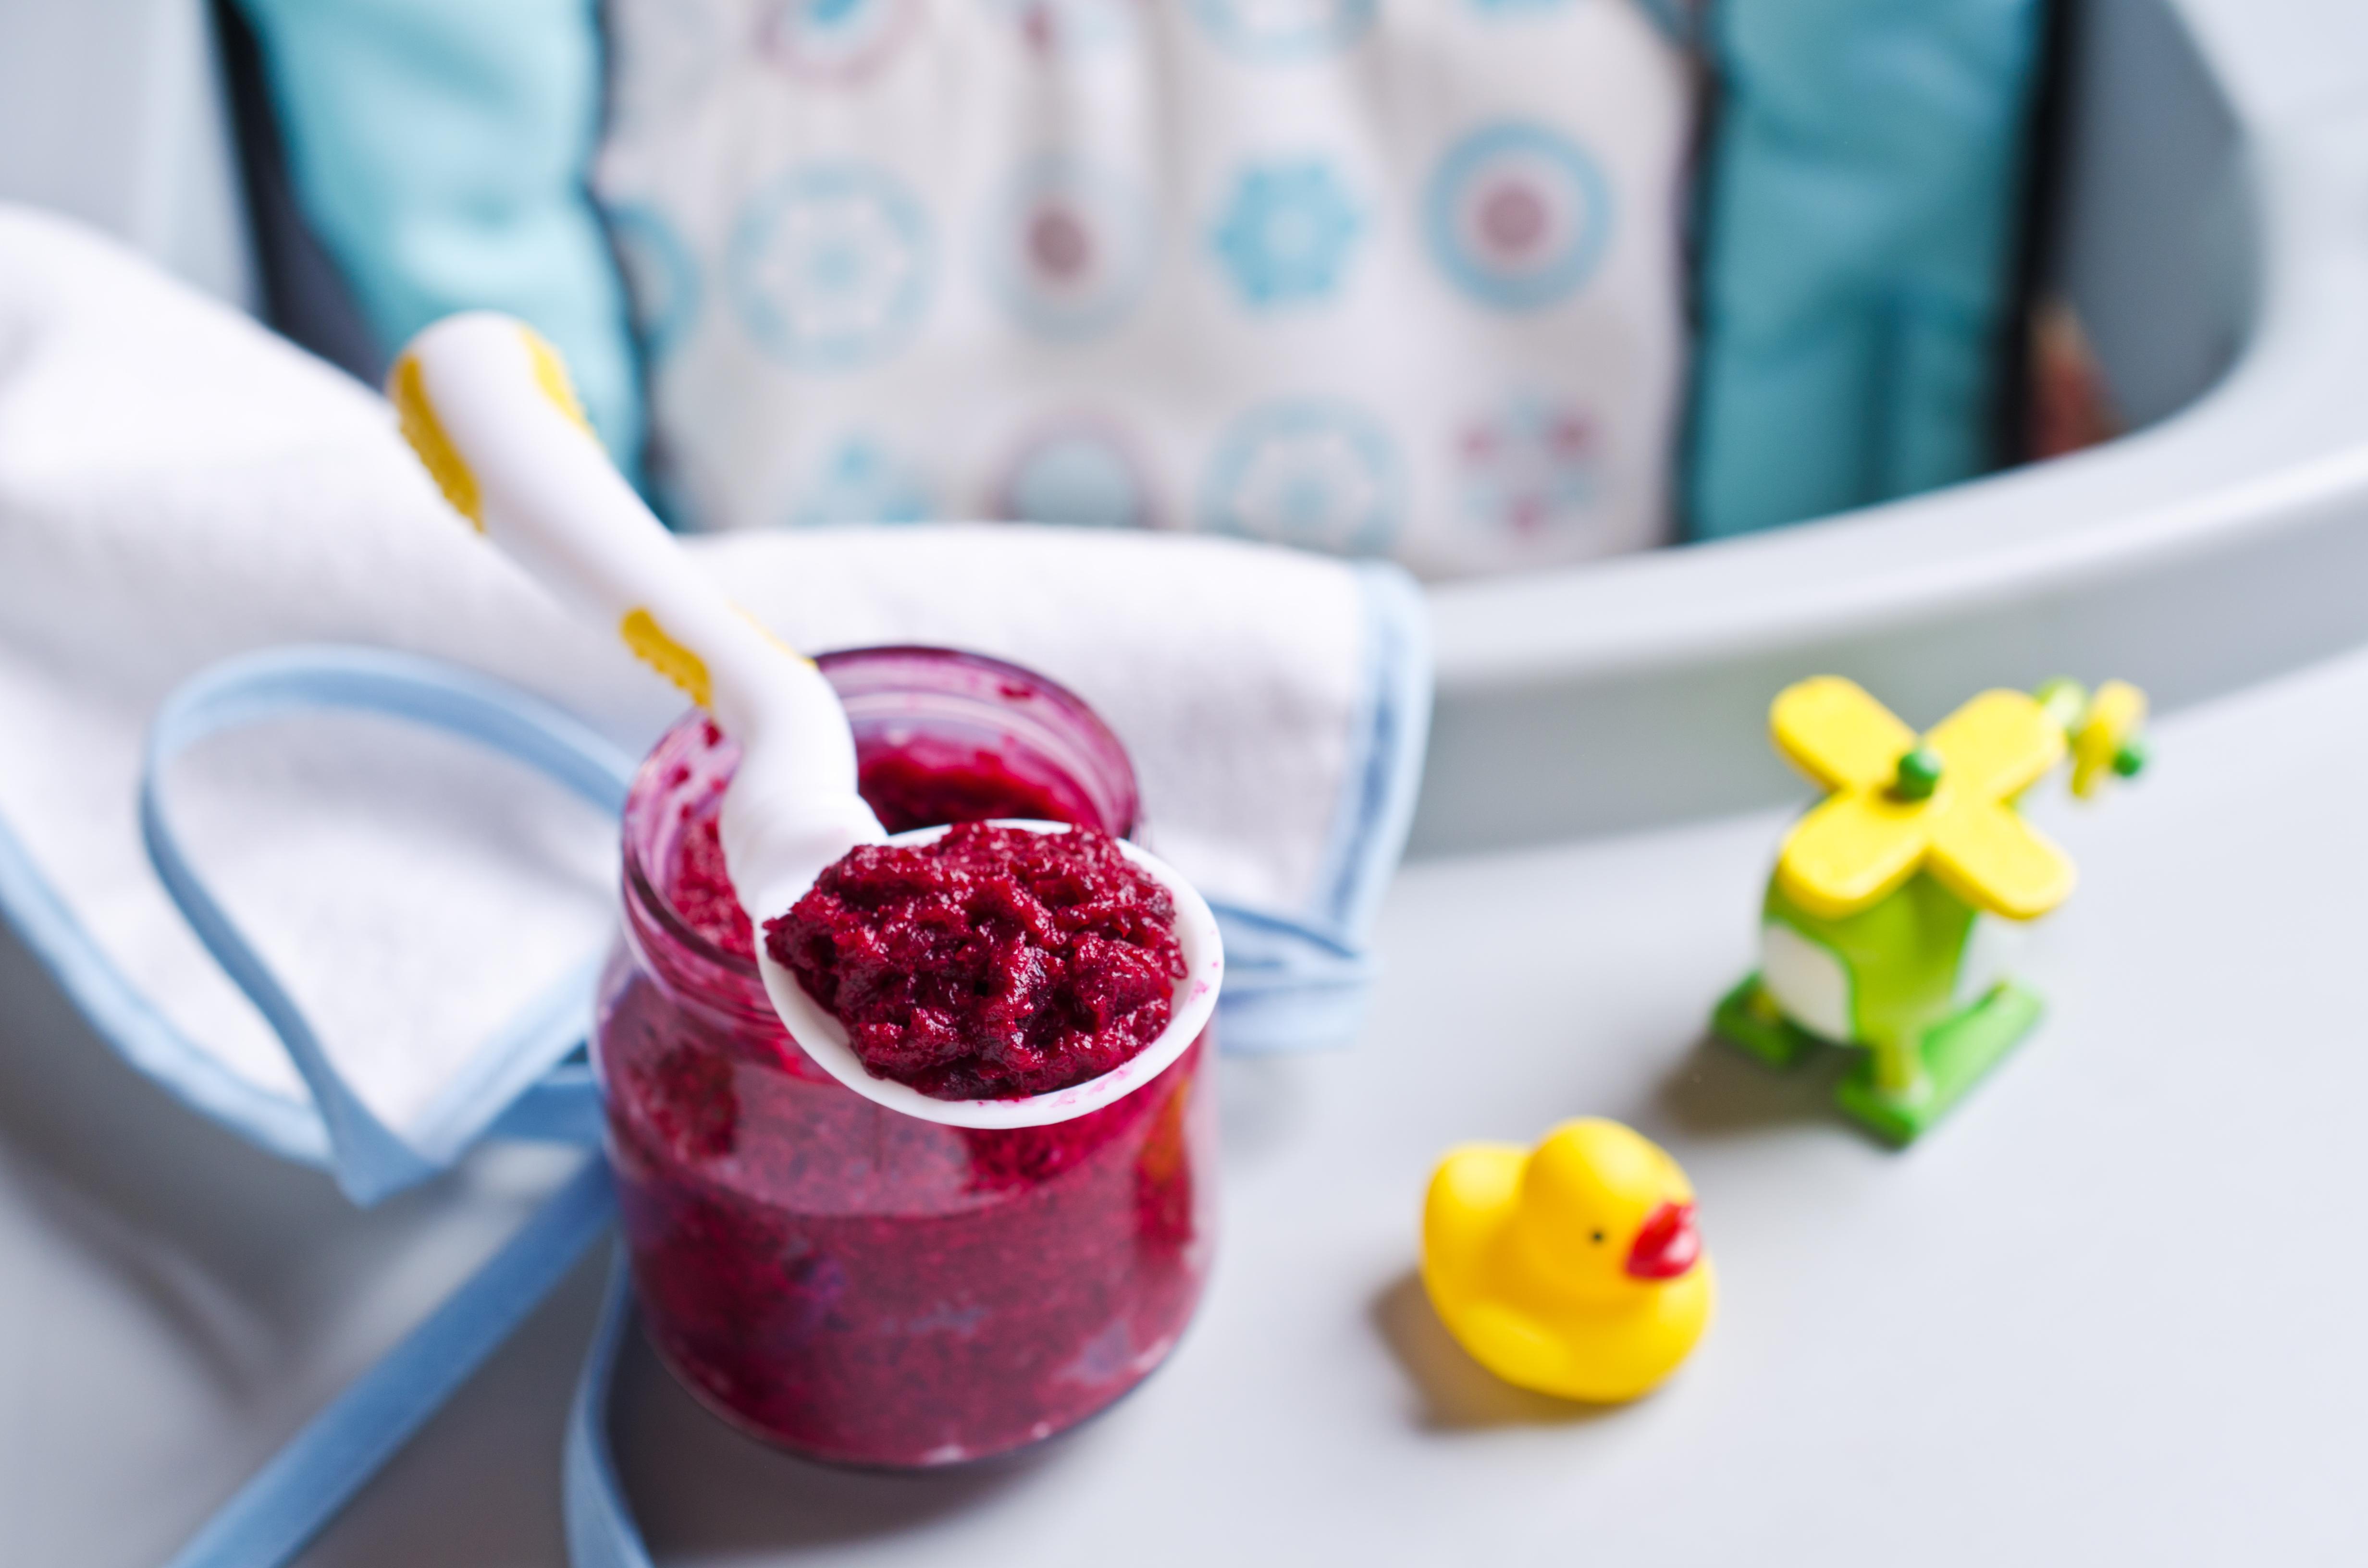 Des aliments pour bébés sont trop sucrés, affirme l'OMS